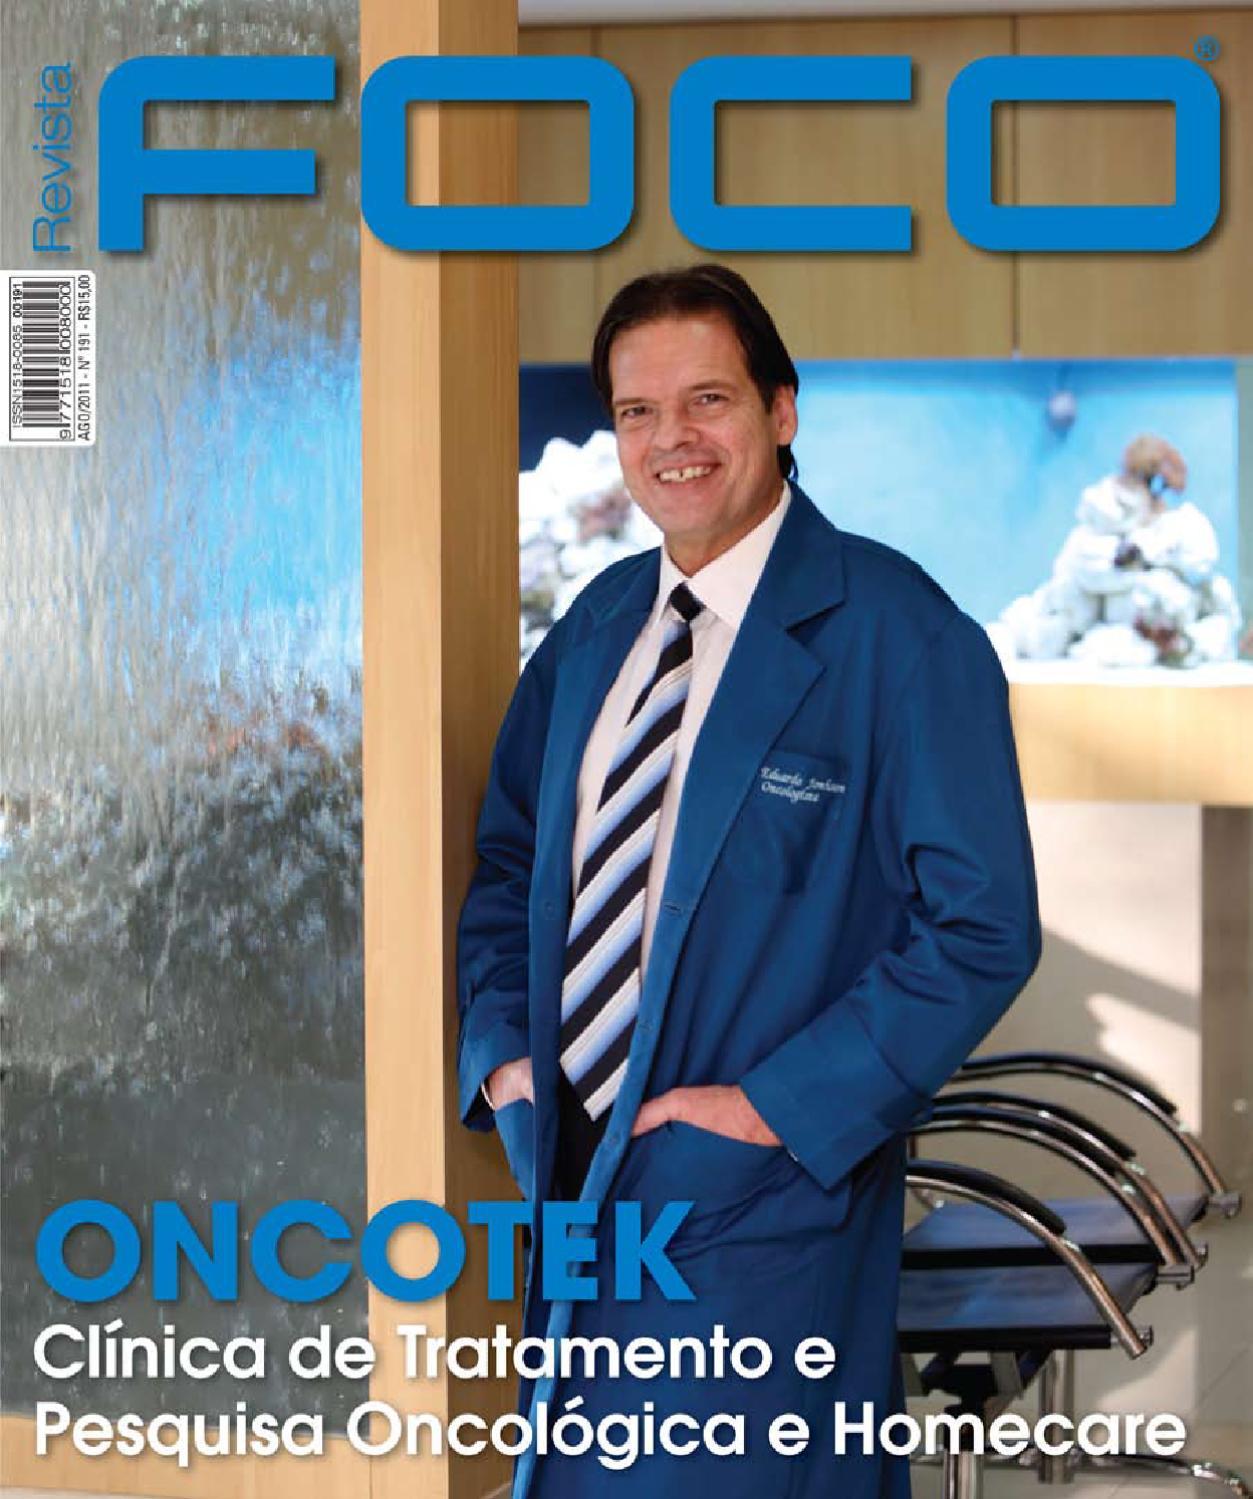 198cd770c8d Foco 191 by REVISTA FOCO - issuu